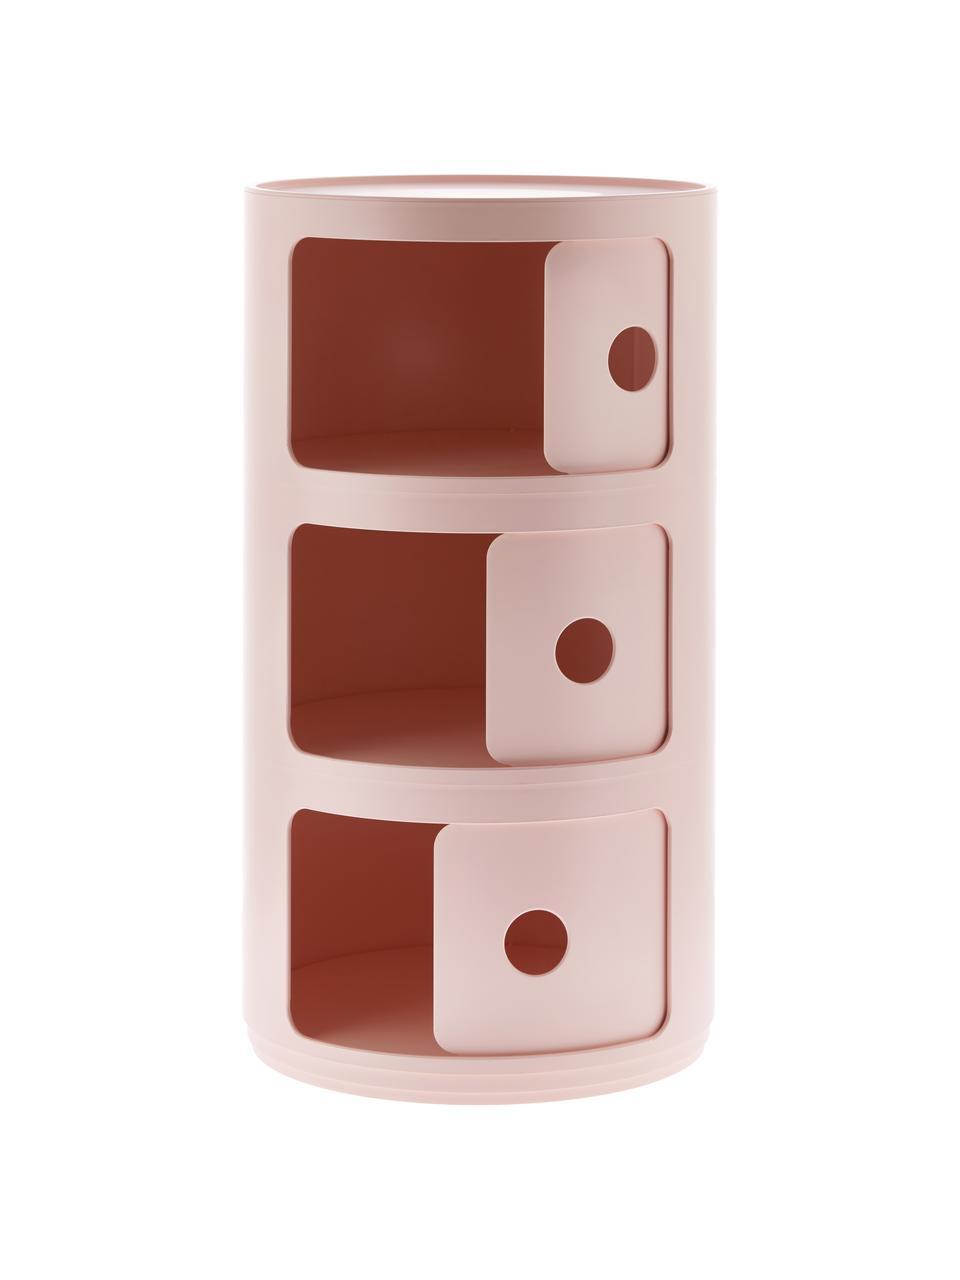 Comodino contenitore di design con 3 cassetti Componibili, 100% biopolimero da materie prime rinnovabili, Rosa opaco, Ø 32 x Alt. 59 cm